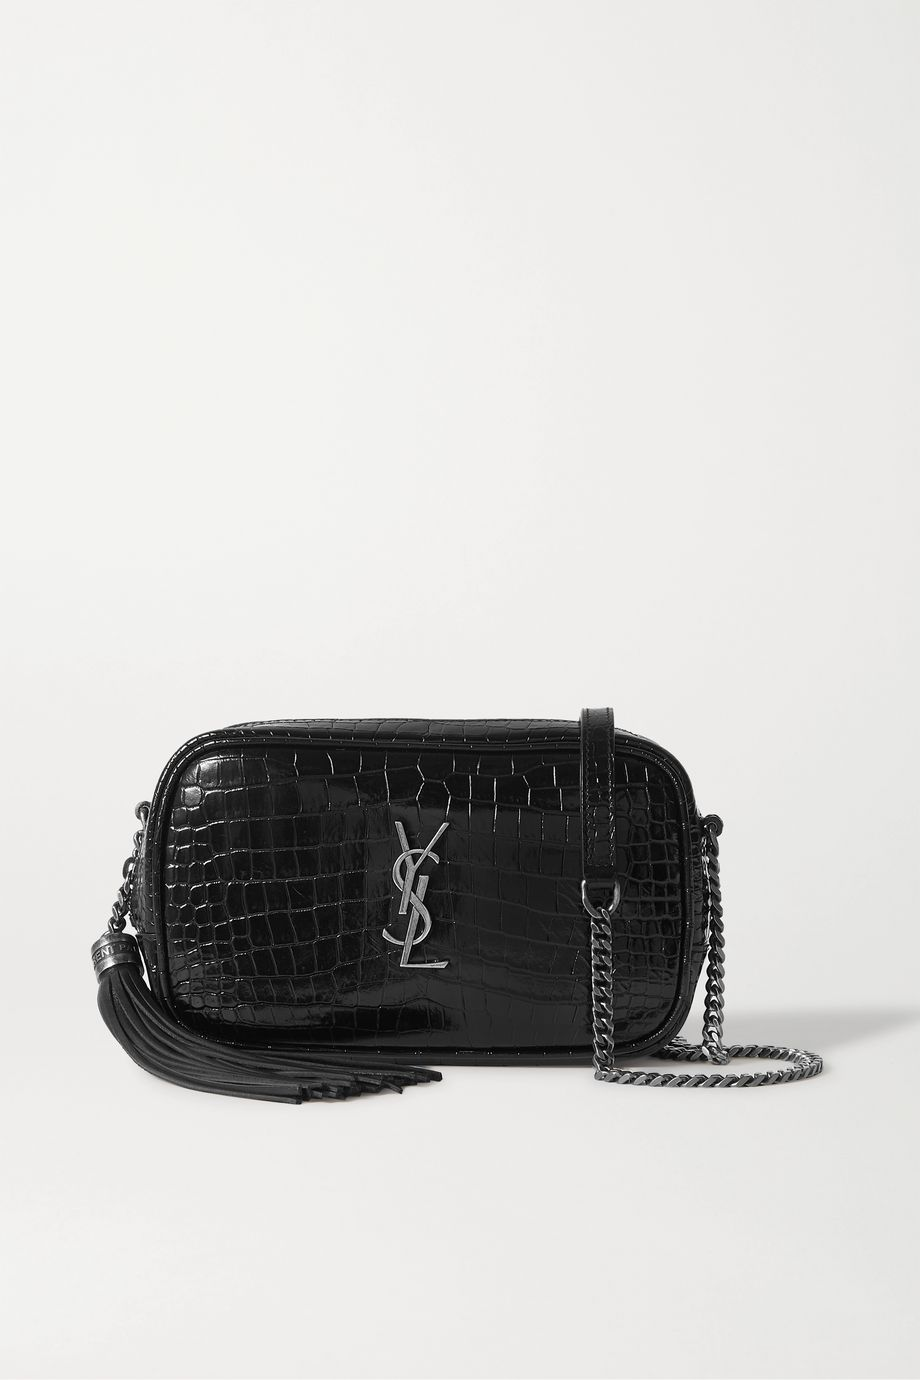 SAINT LAURENT Lou mini croc-effect leather shoulder bag